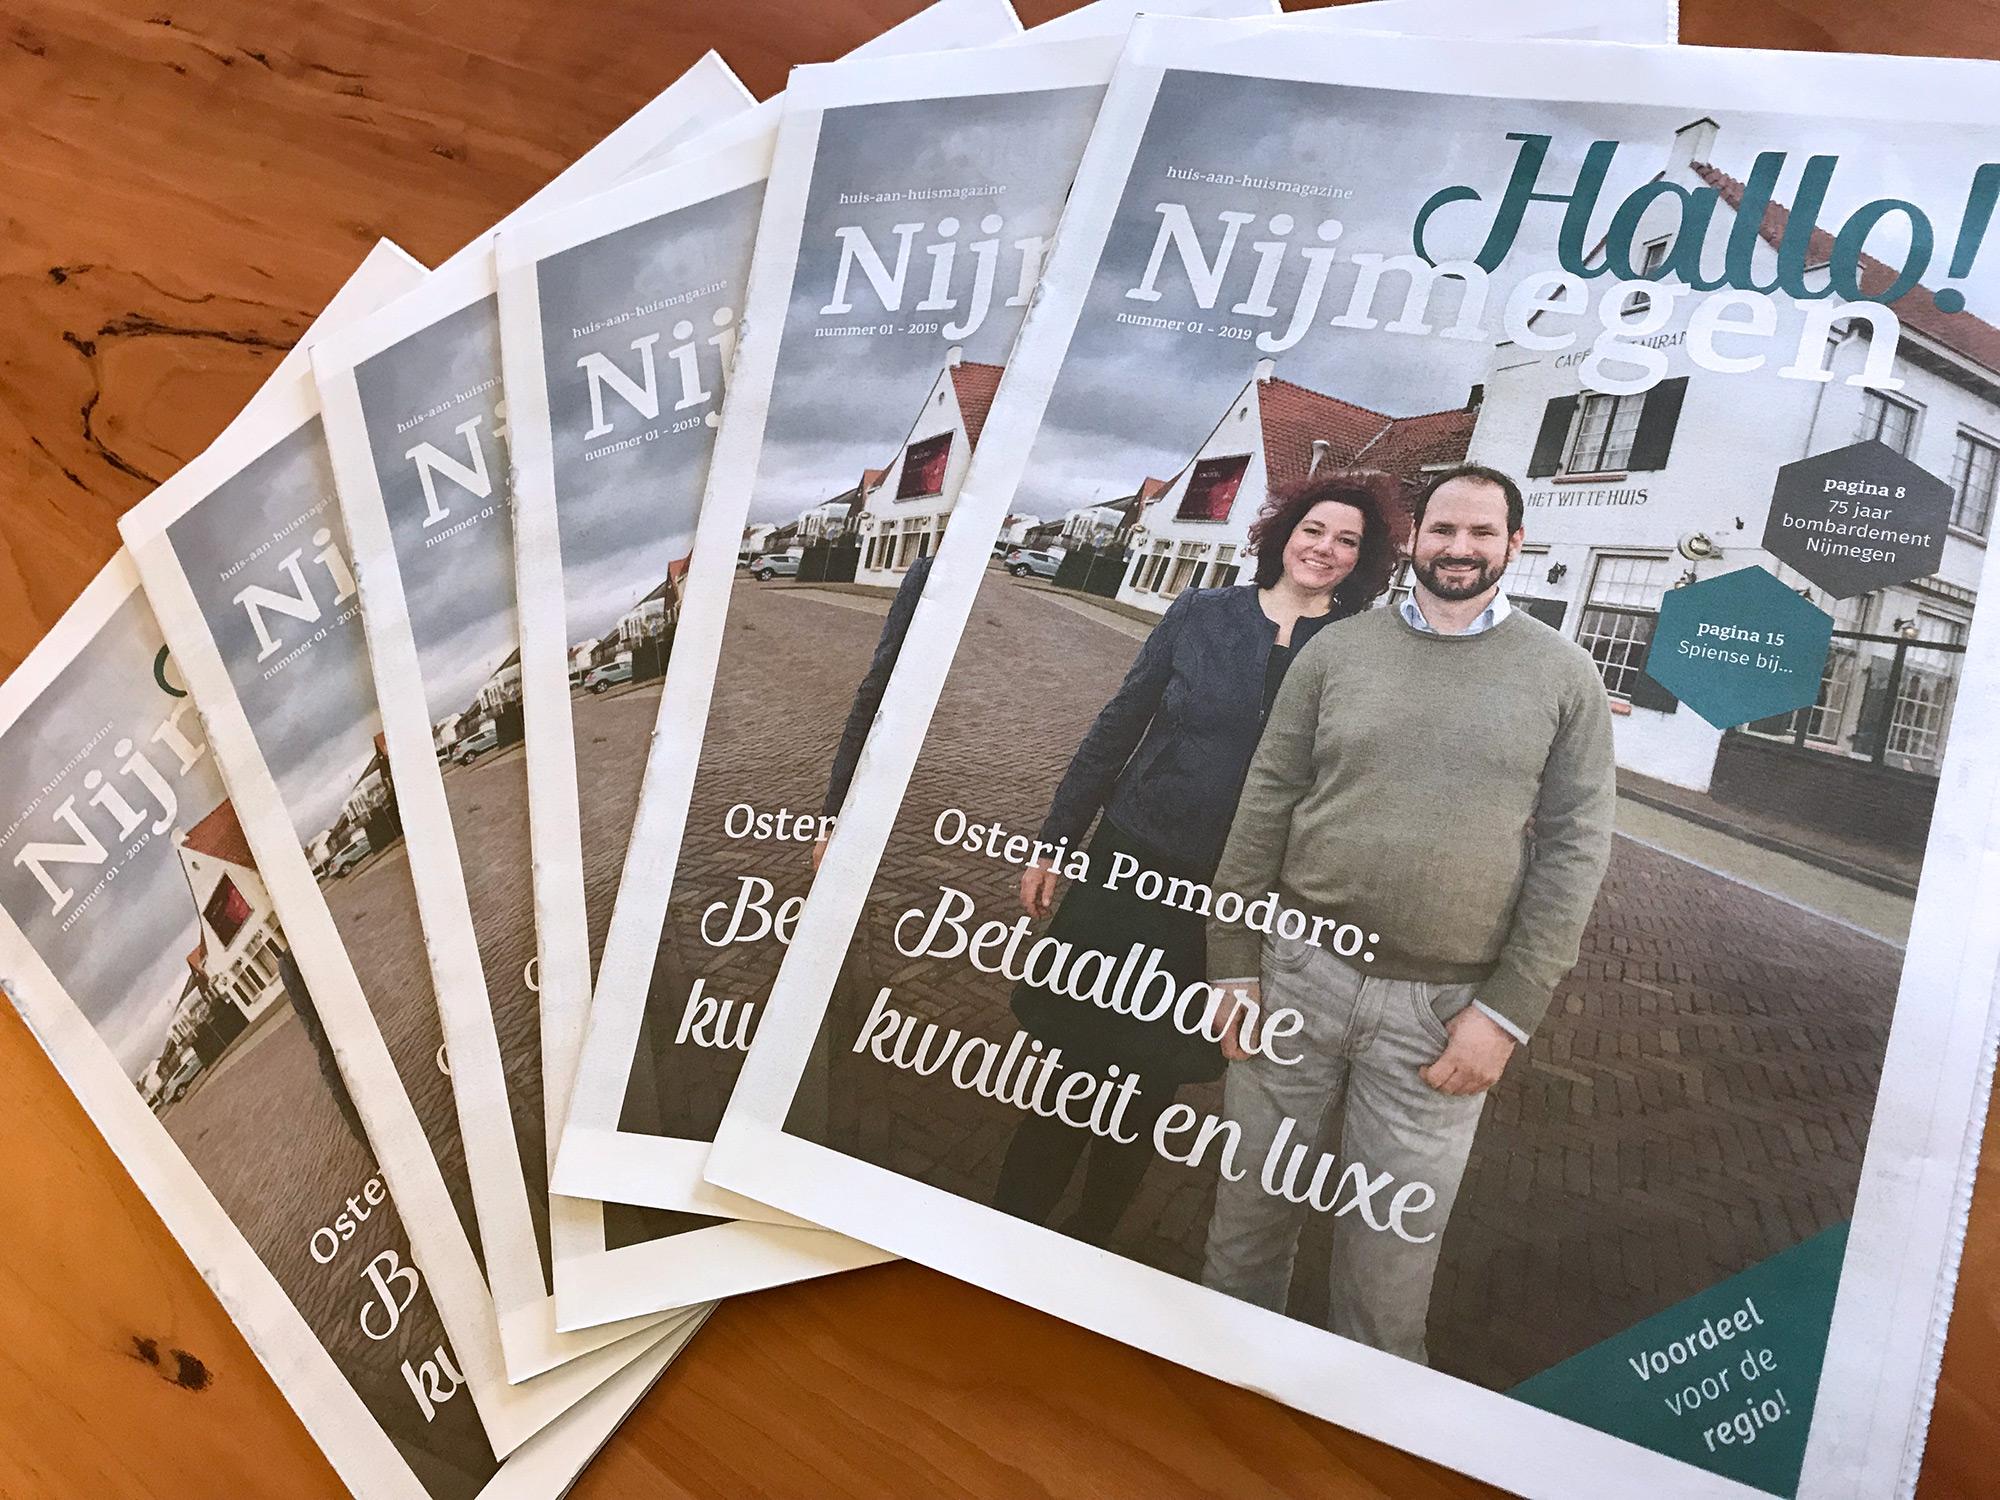 Februari editie van Hallo! Nijmegen is uit!